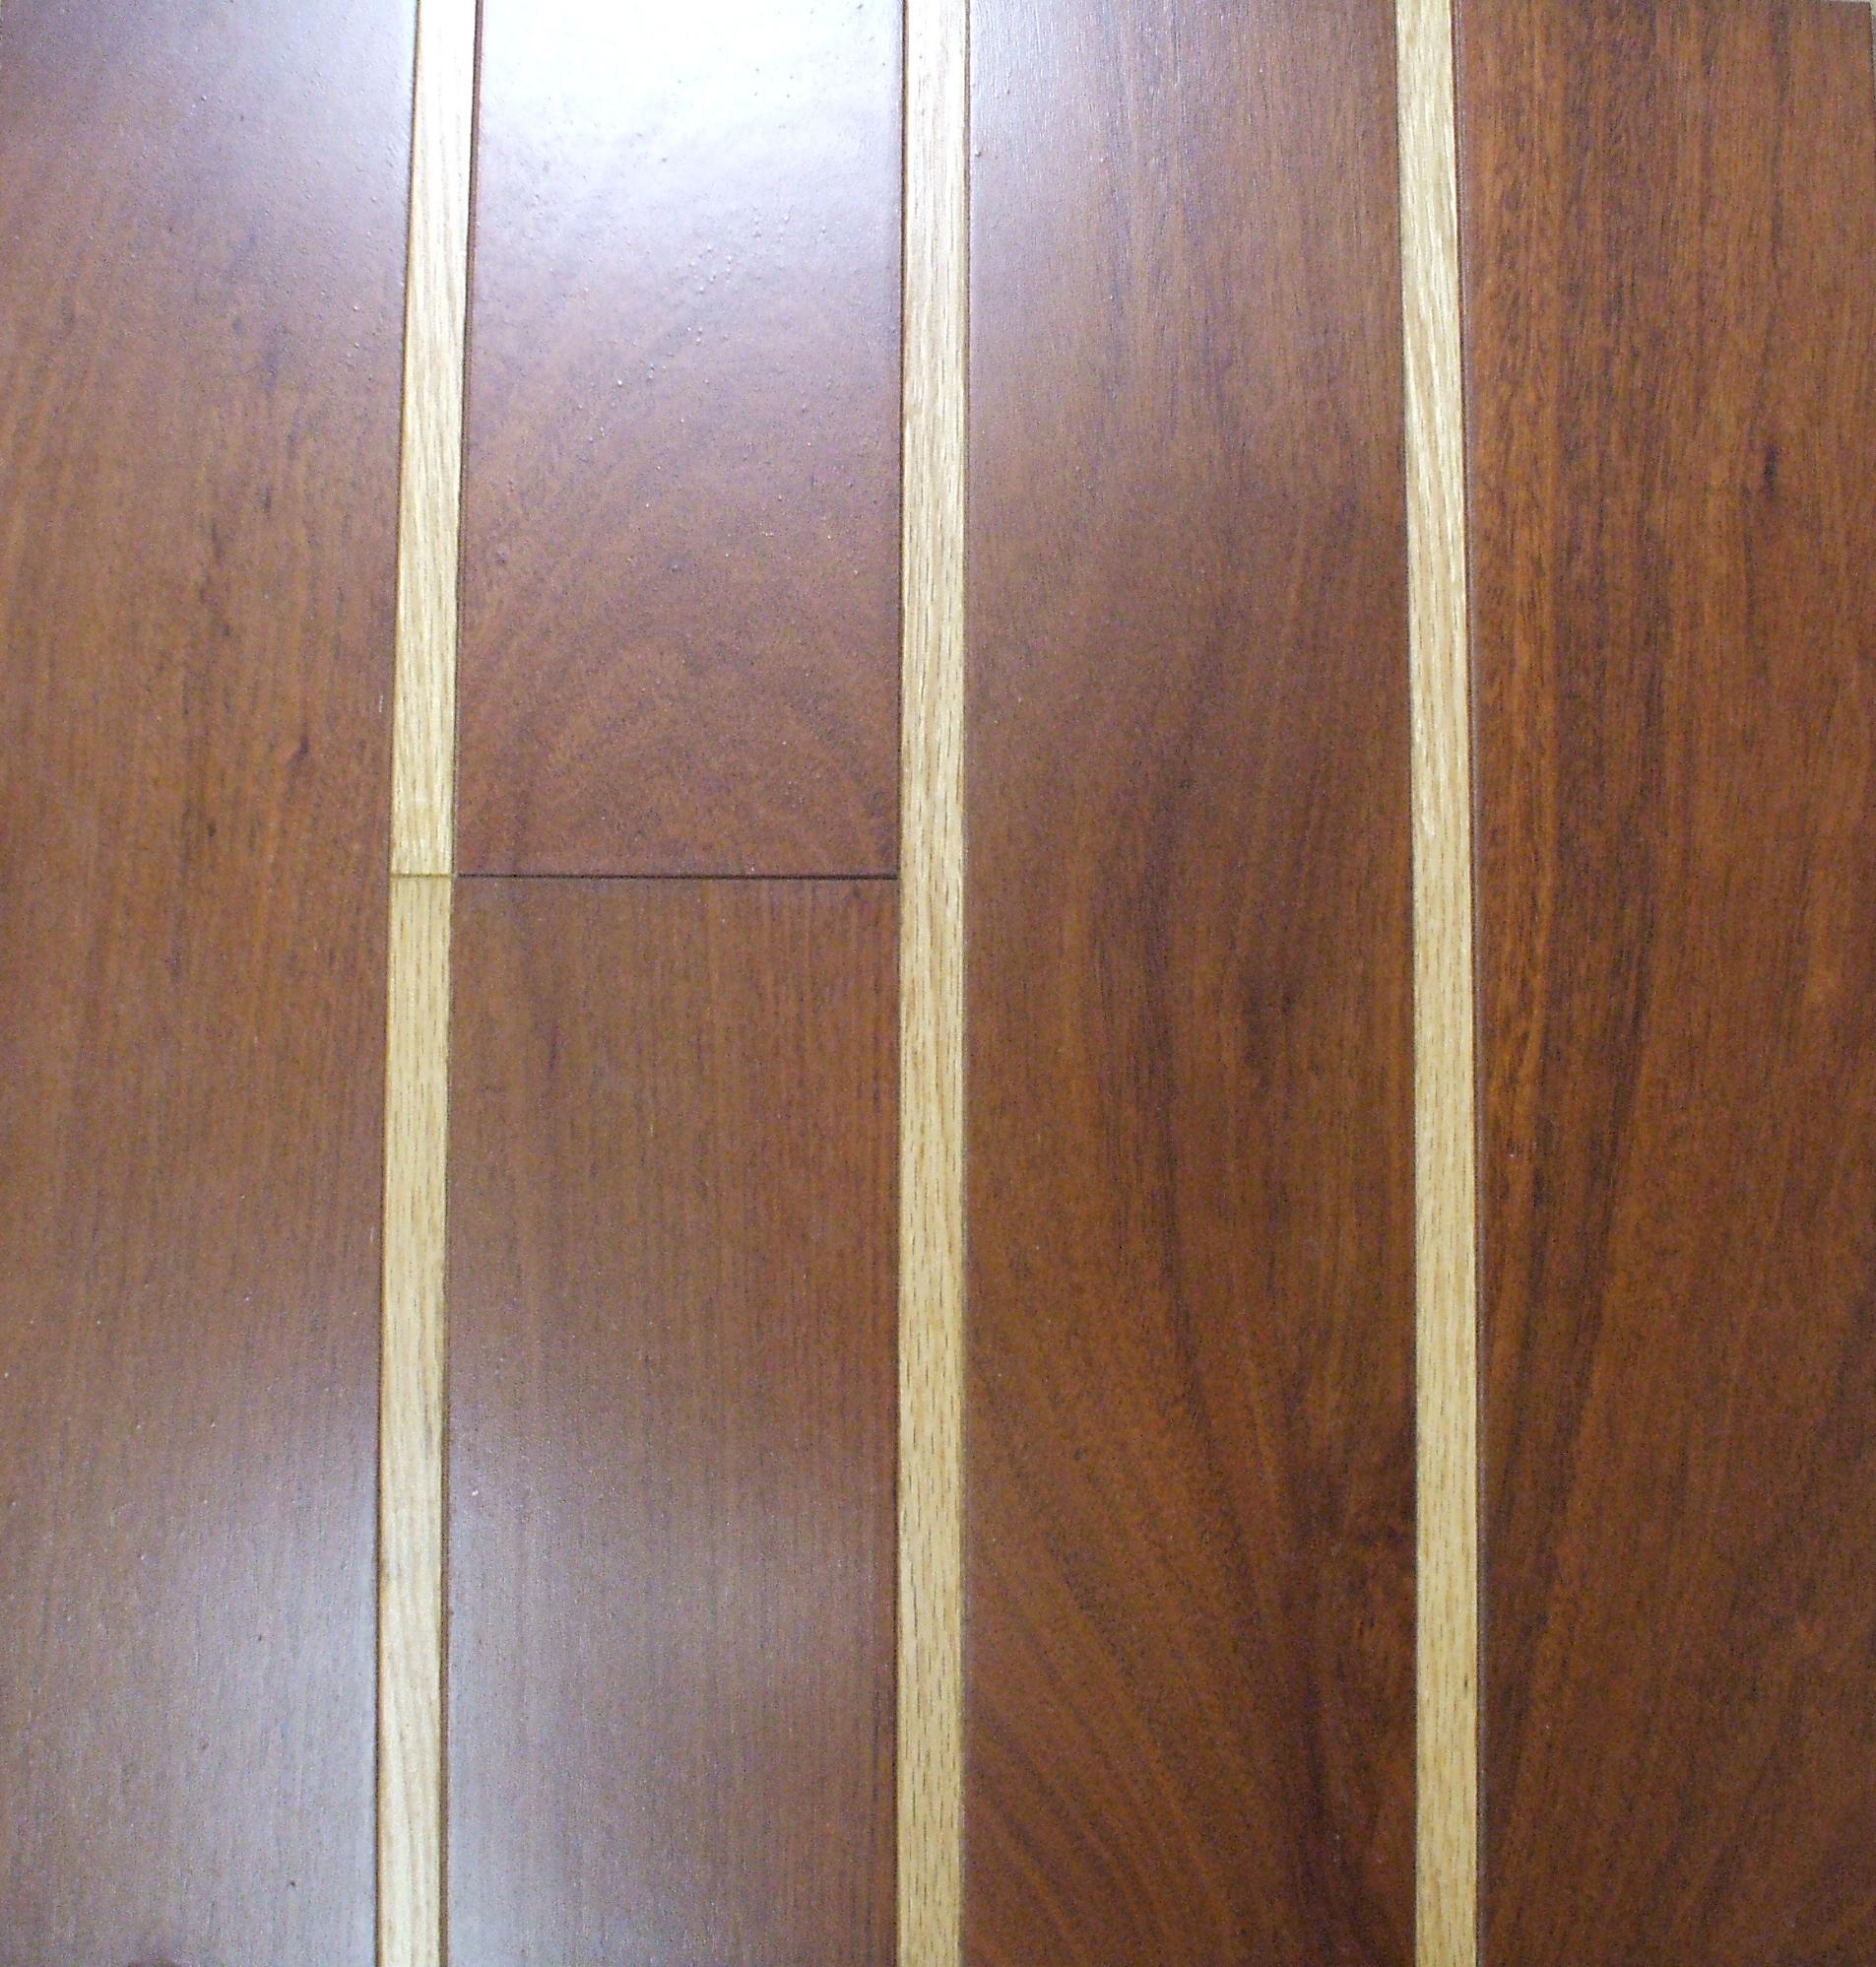 Aquatica Mahogany Flooring